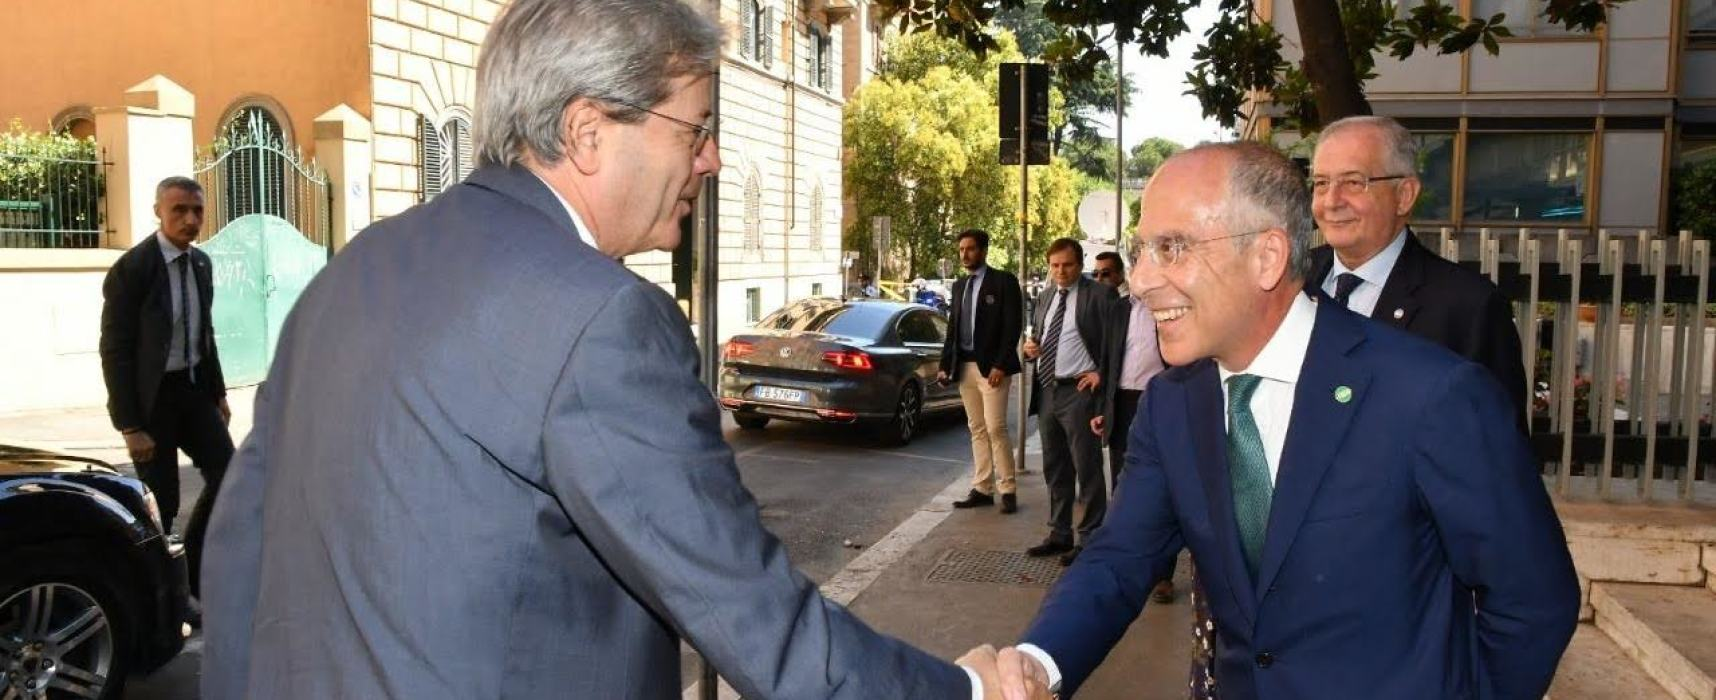 ENEL INCONTRA IL PRESIDENTE DEL CONSIGLIO PAOLO GENTILONI E PRESENTA OPEN METER, IL CONTATORE ELETTRONICO 2.0